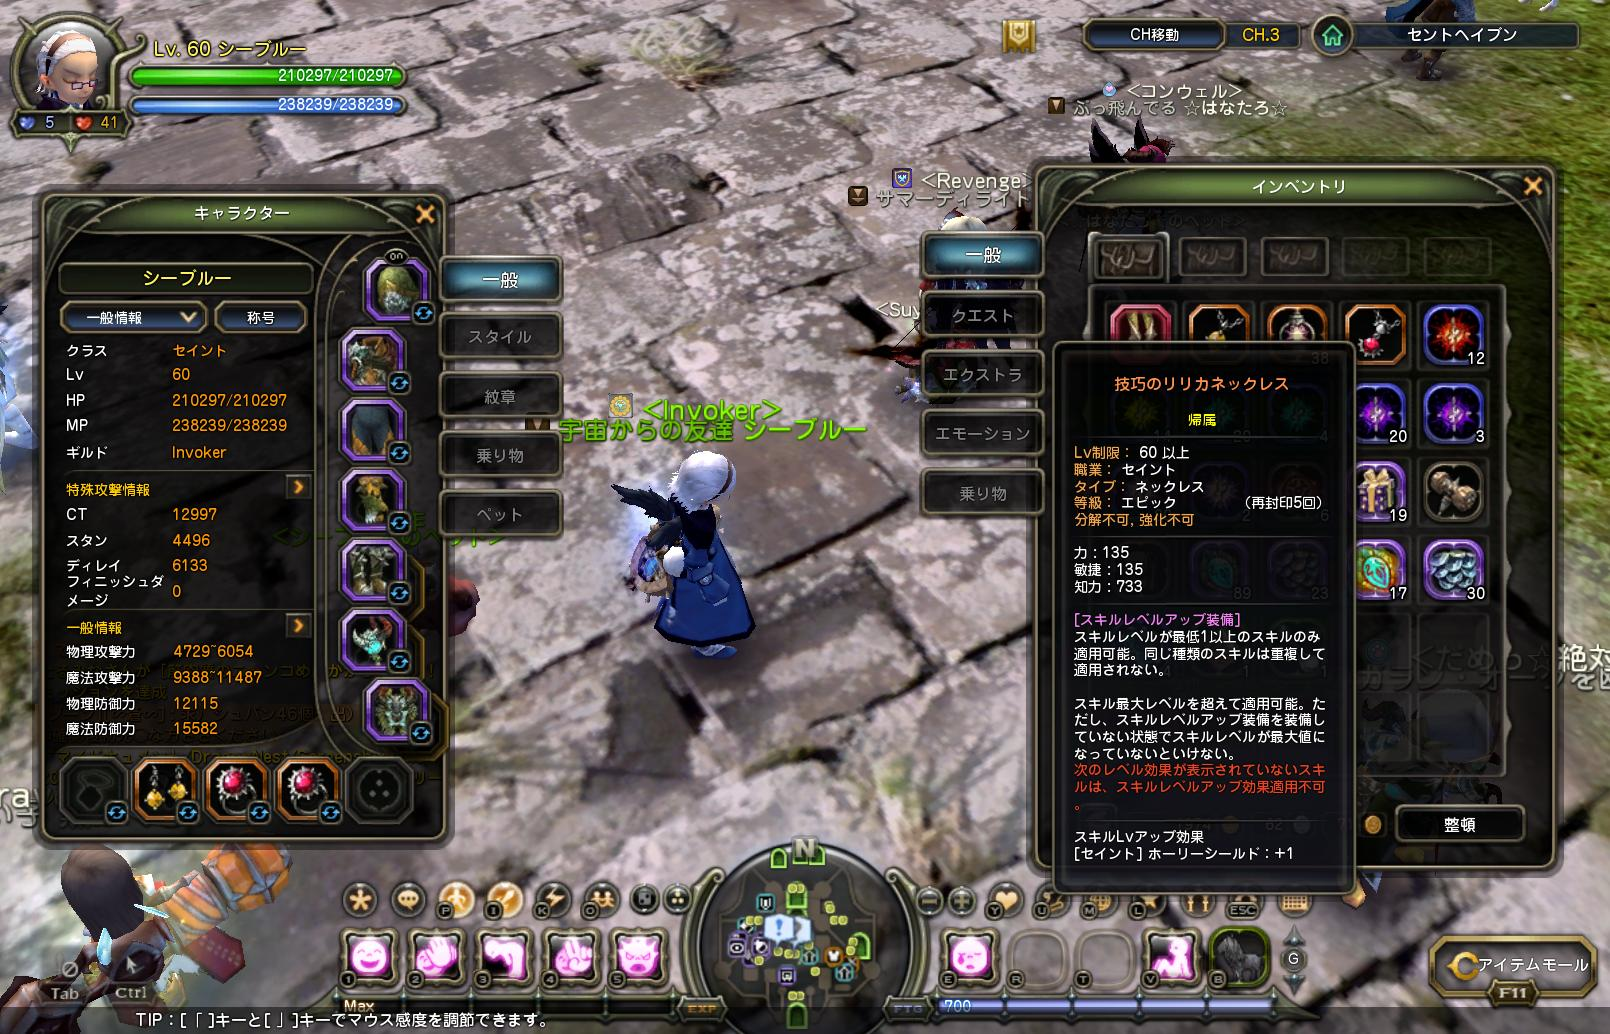 DN 2012-09-04 19-03-49 Tue